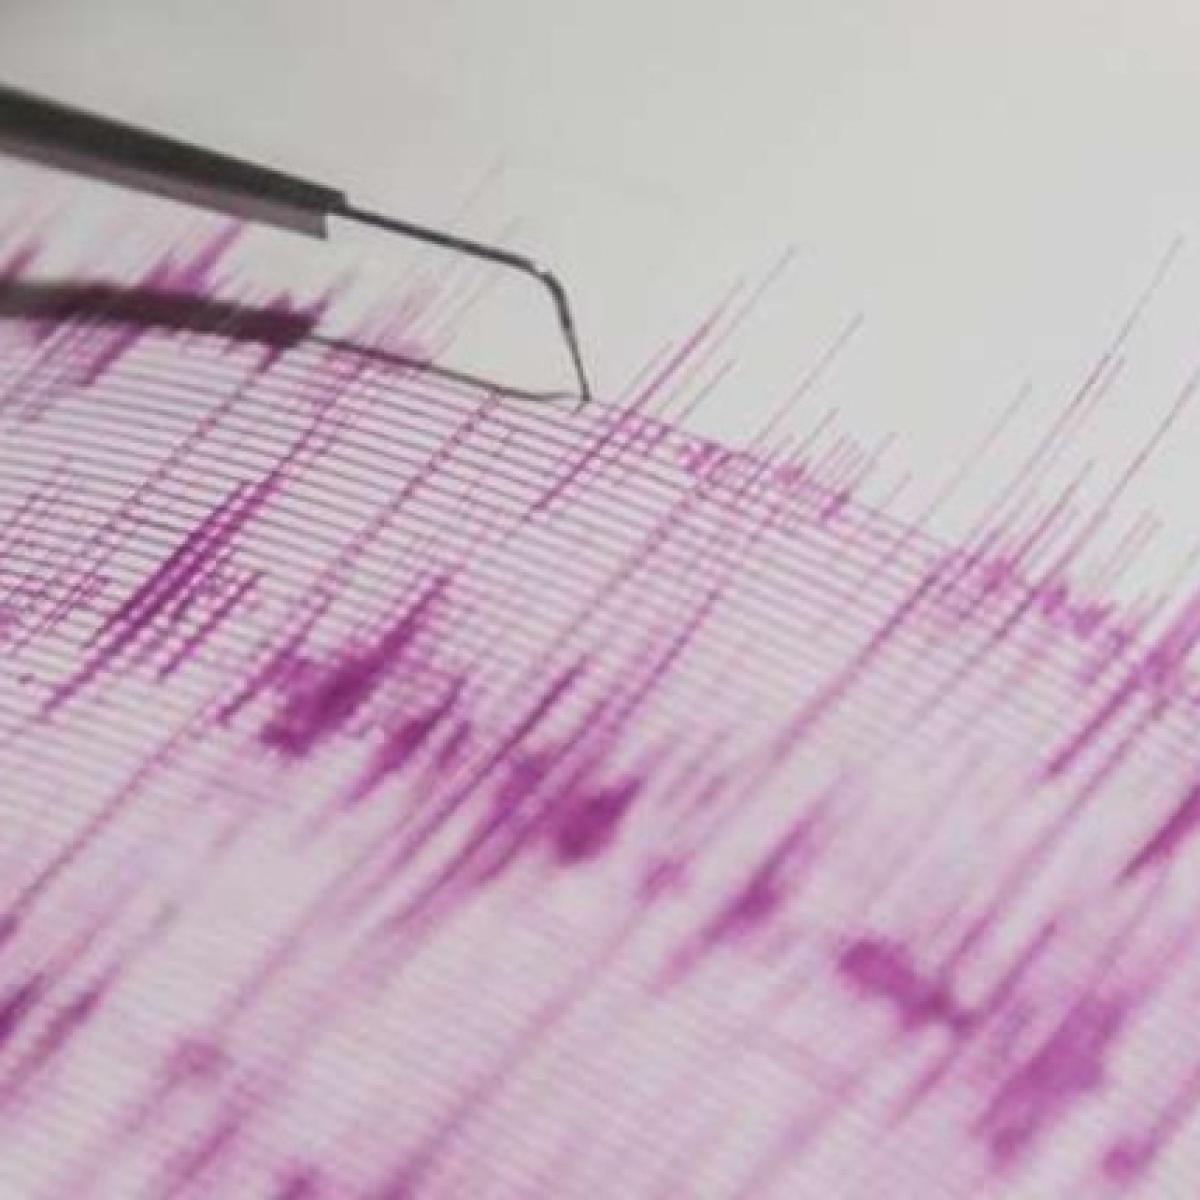 Delhi-NCR Earthquake: Tremors felt in parts of Delhi